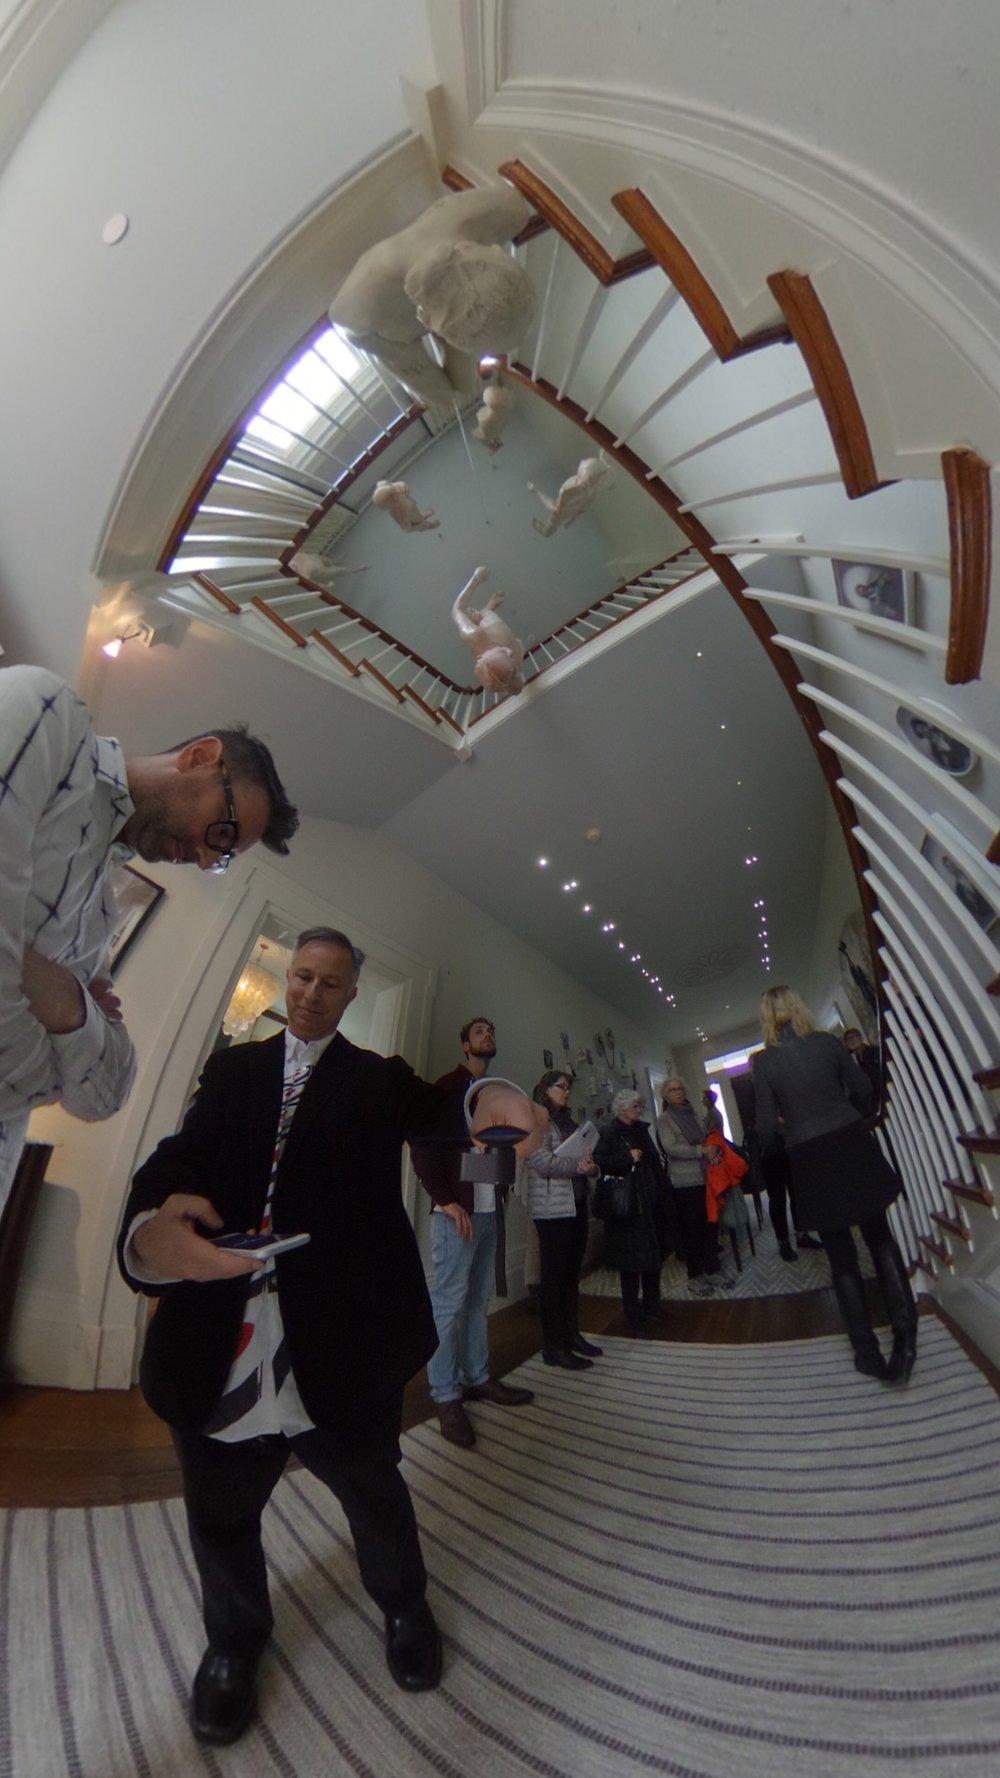 Stairway People